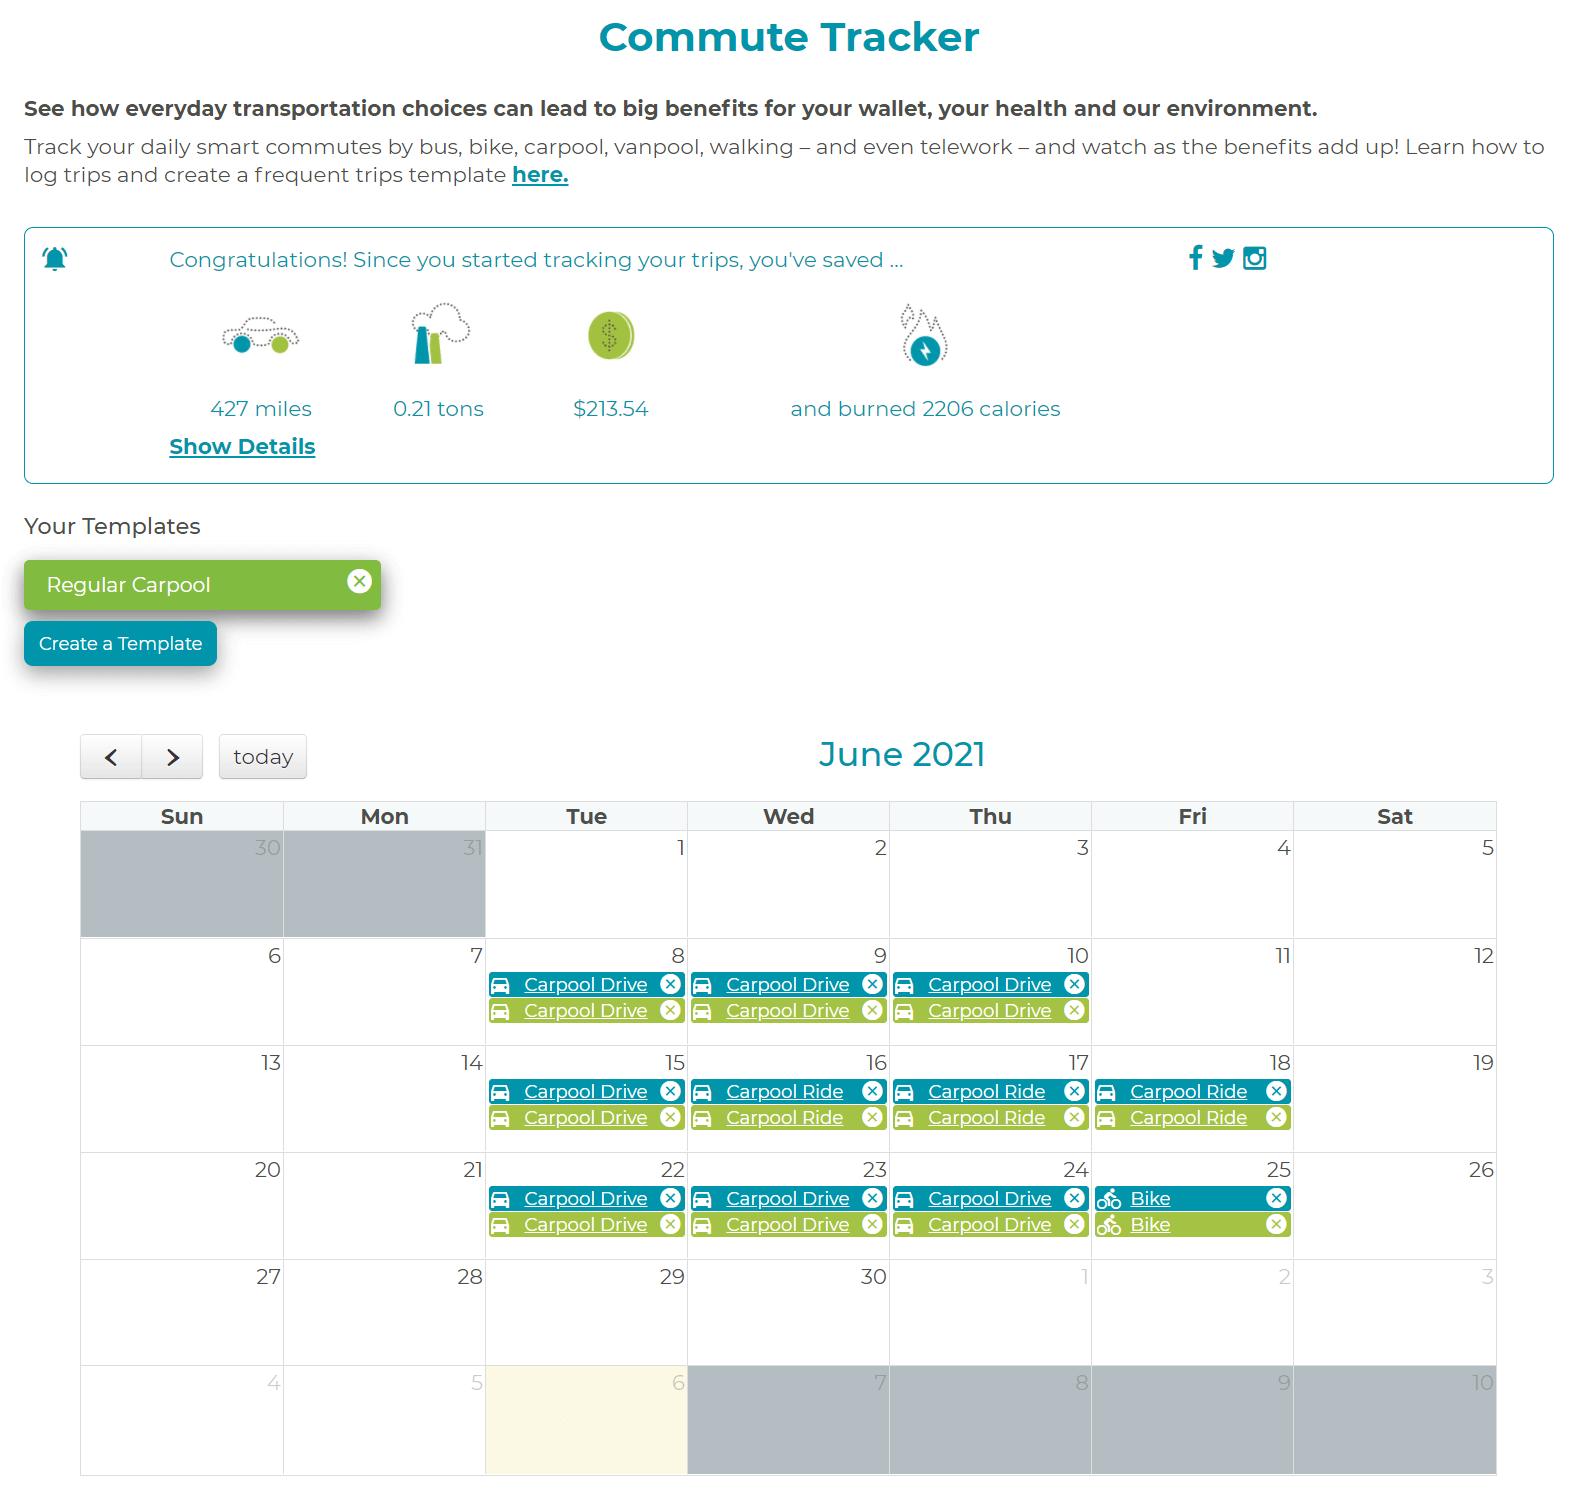 commute tracker